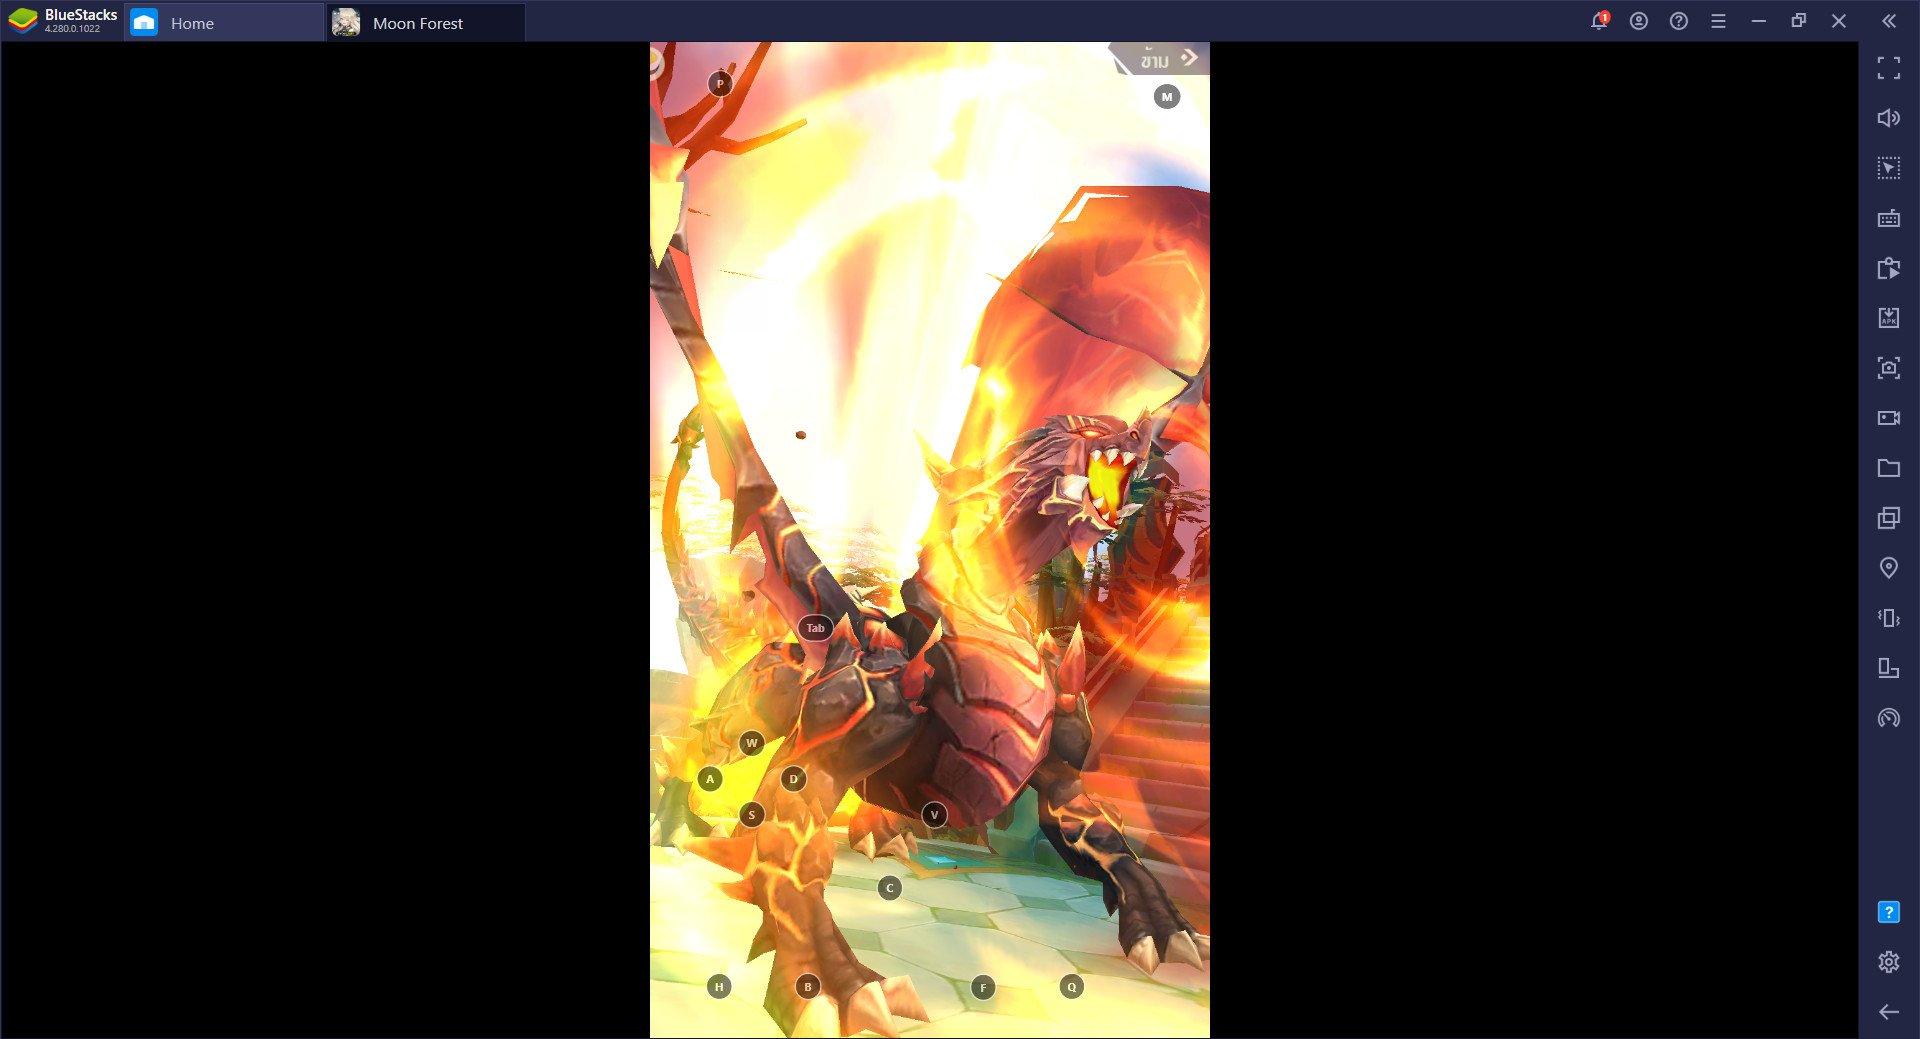 การติดตั้งและเล่น Moon Forest:RPGแนวตั้ง ผ่าน BlueStacks